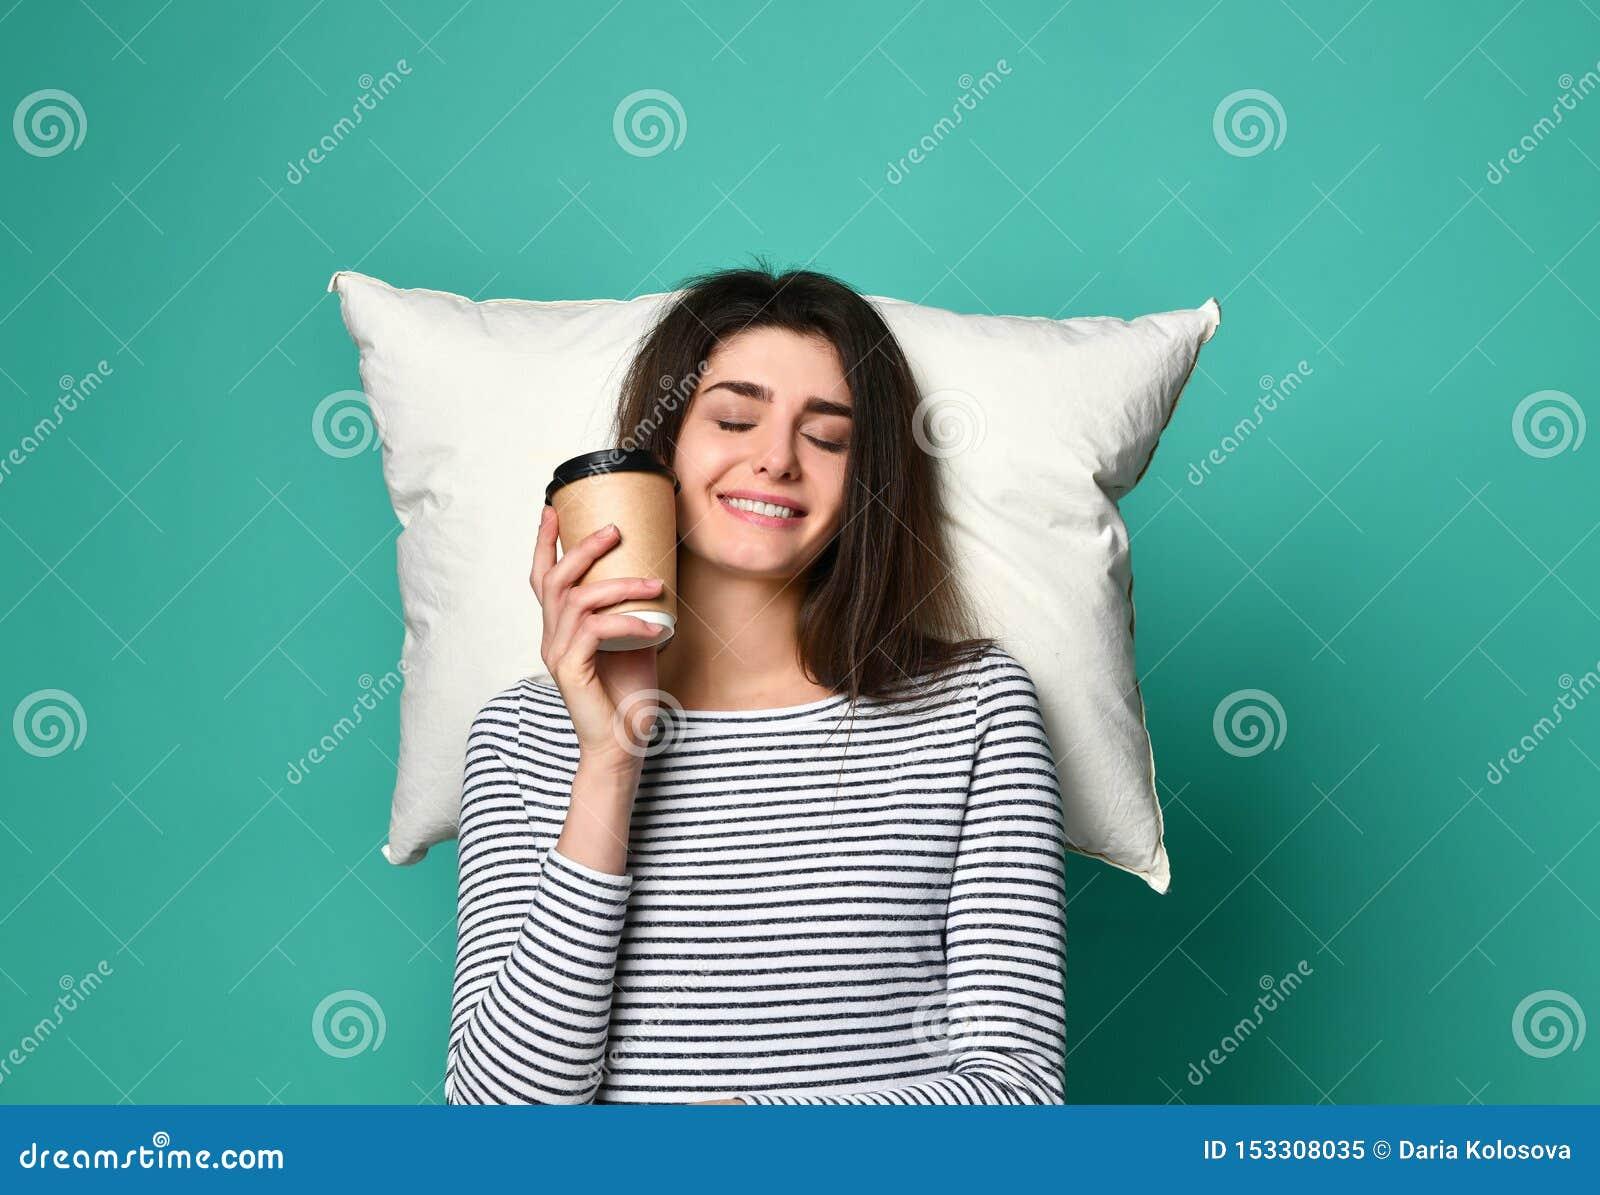 Gelukkige jonge vrouw met een kop van koffie of thee in haar handen, dromen op een hoofdkussen over om het even wat